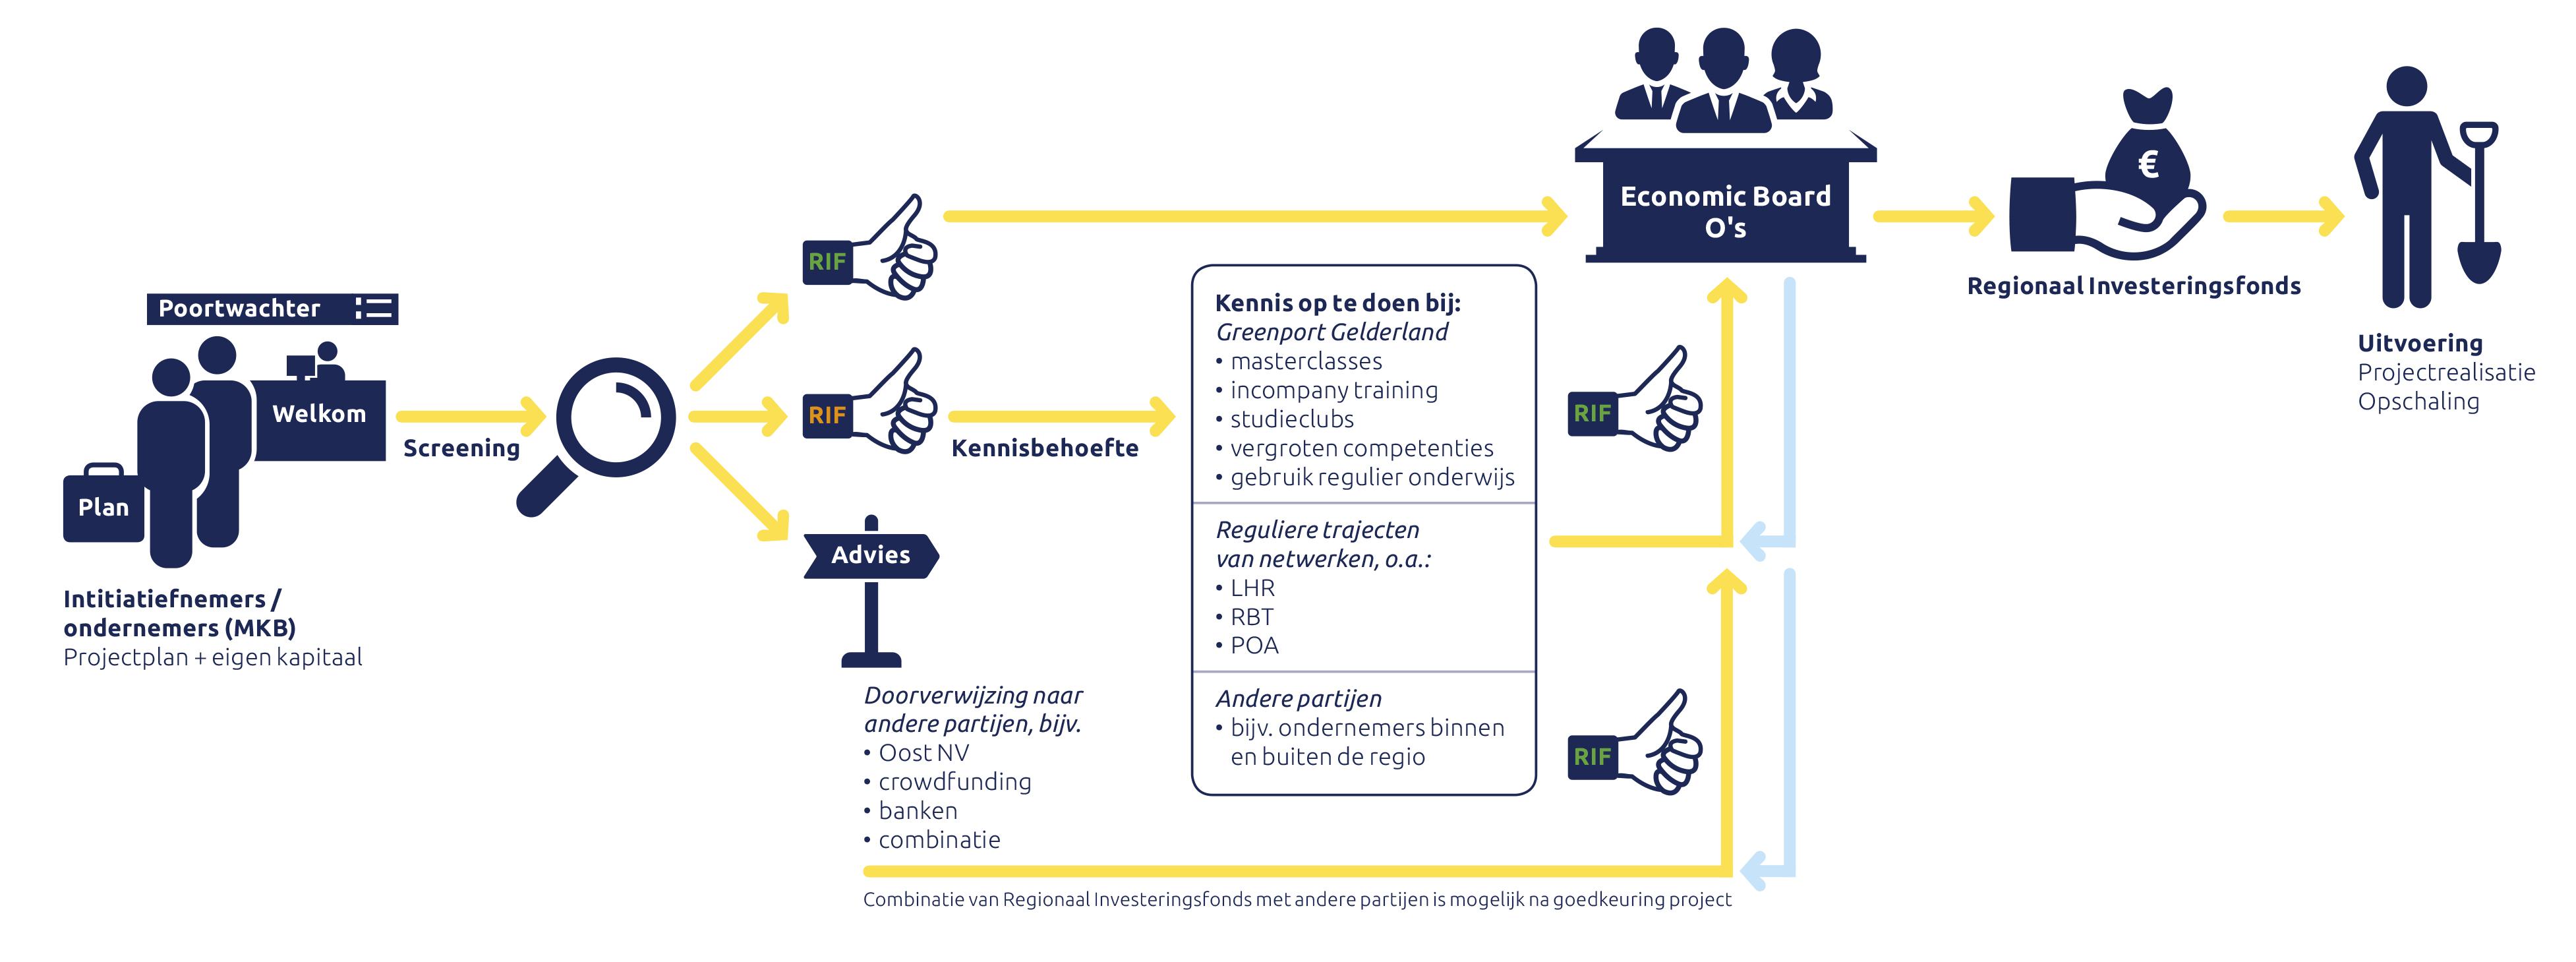 Großartig Schaltplan Für Astatische Mikrofone Ideen - Schaltplan ...